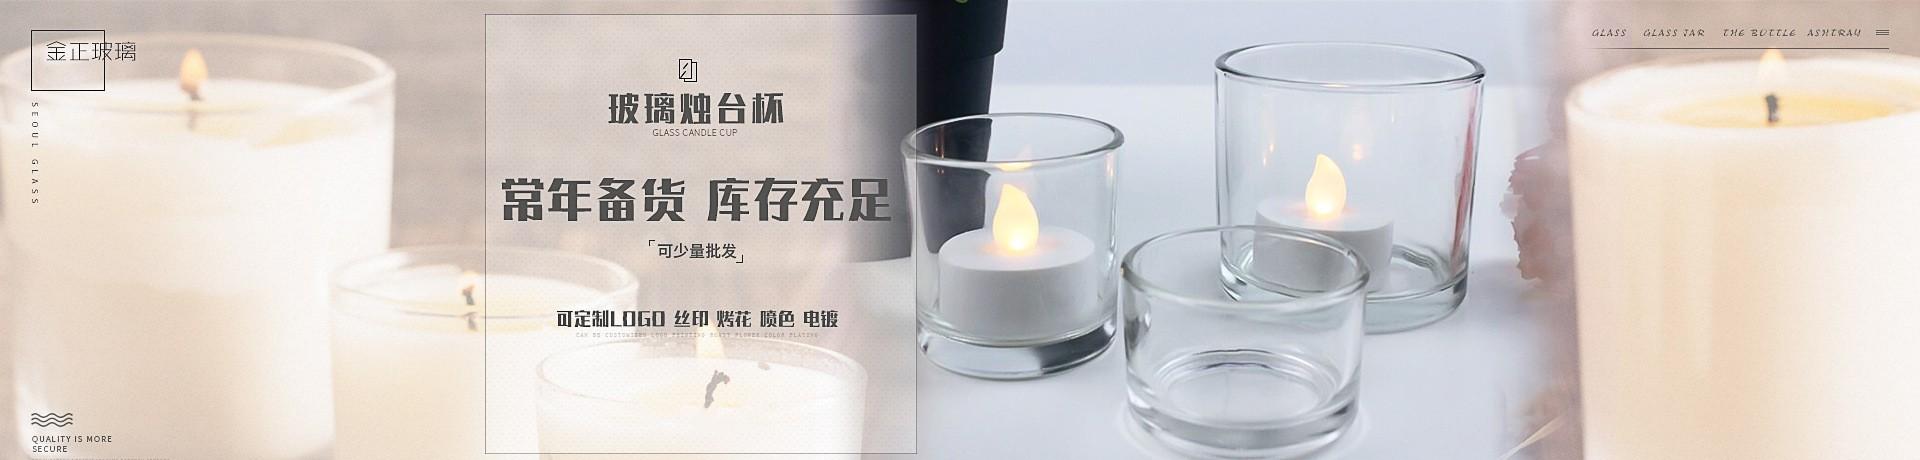 徐州金正玻璃制品有限公司